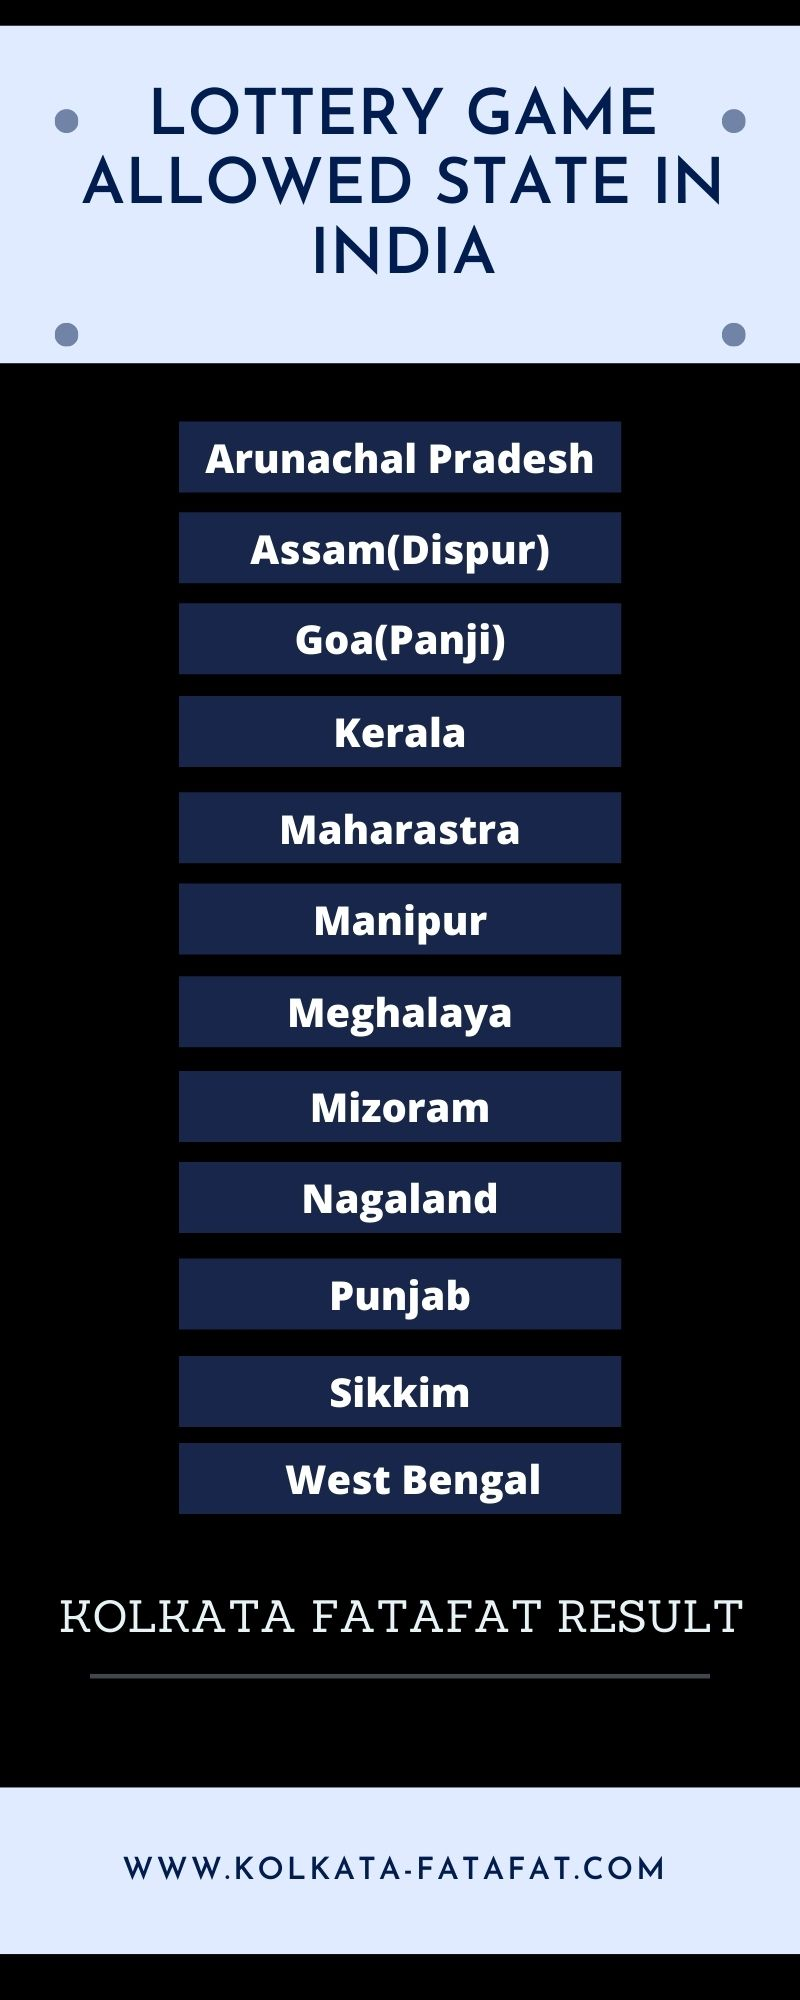 Kolkata Fatafat Result